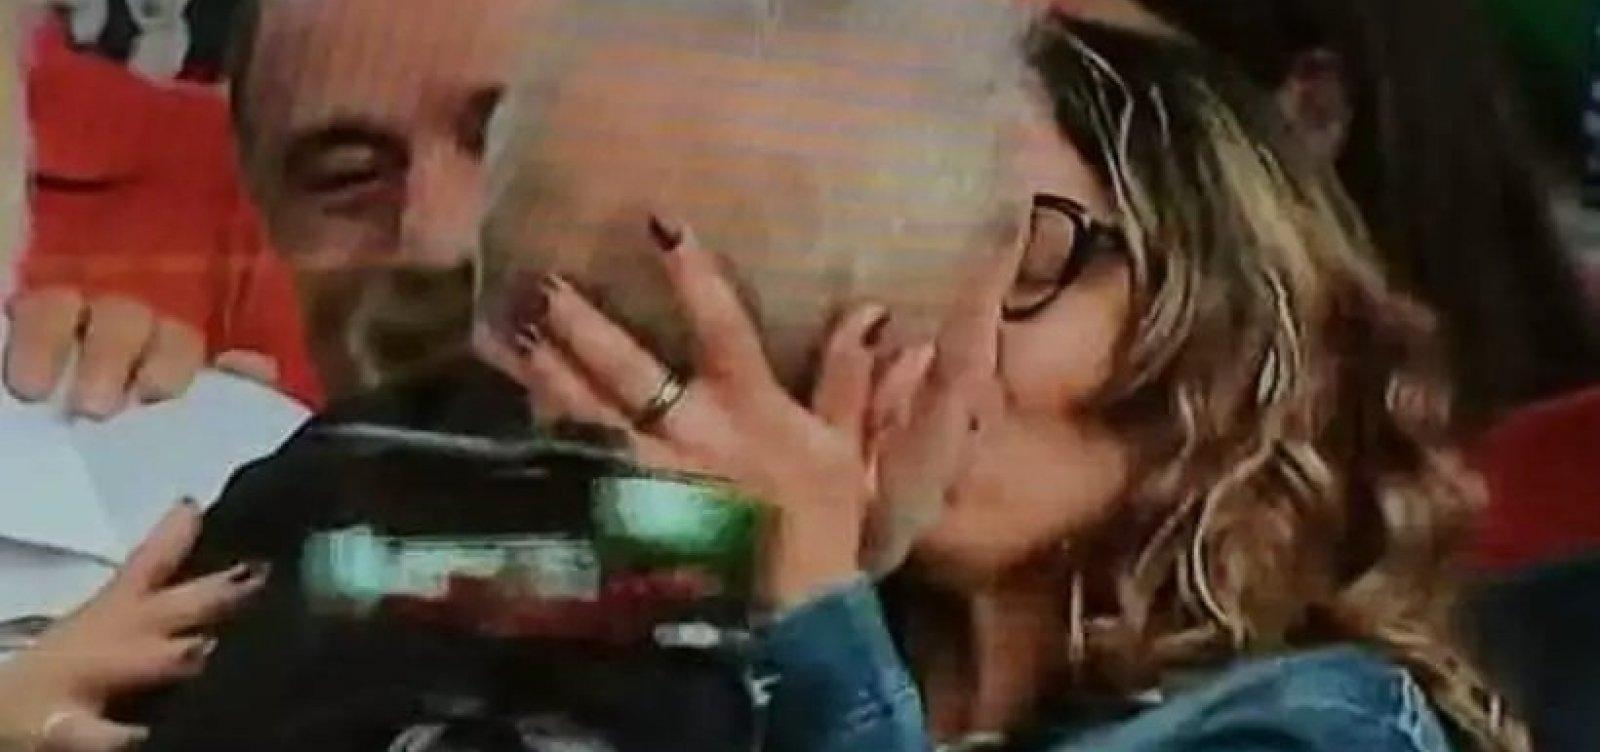 [Lula anuncia casamento e beija namorada em discurso]